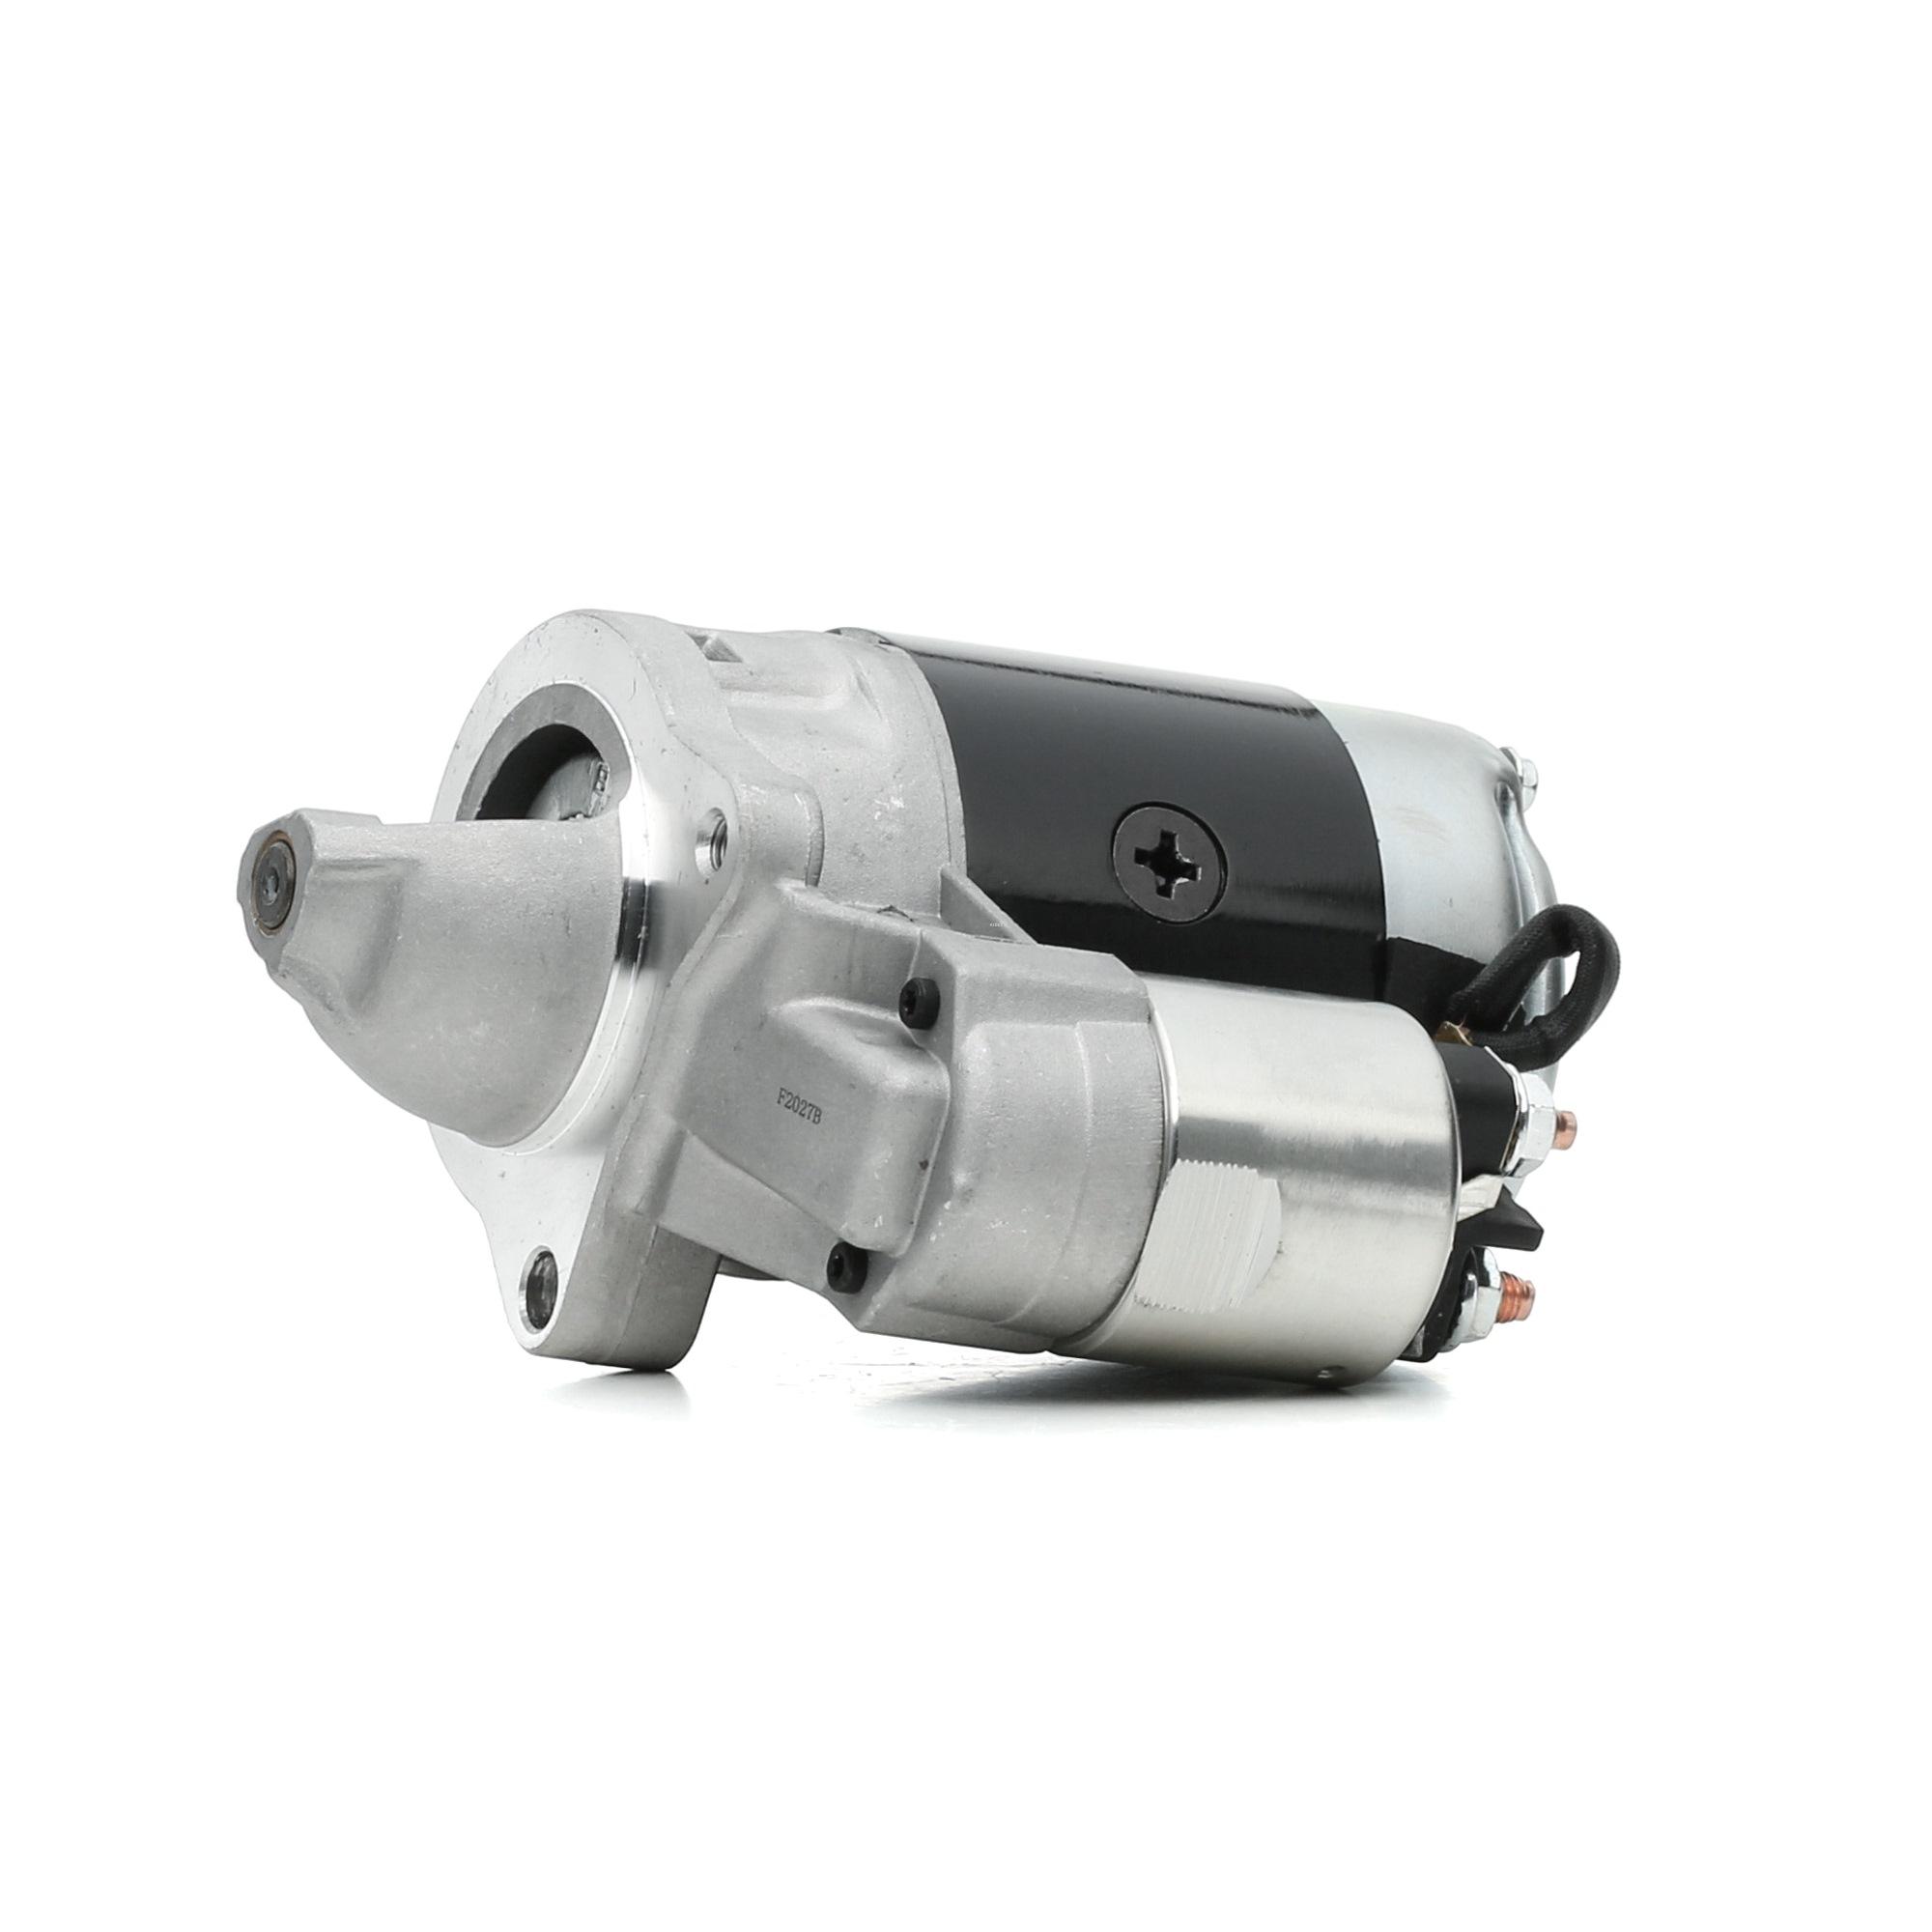 Achetez Système électrique RIDEX 2S0469 () à un rapport qualité-prix exceptionnel